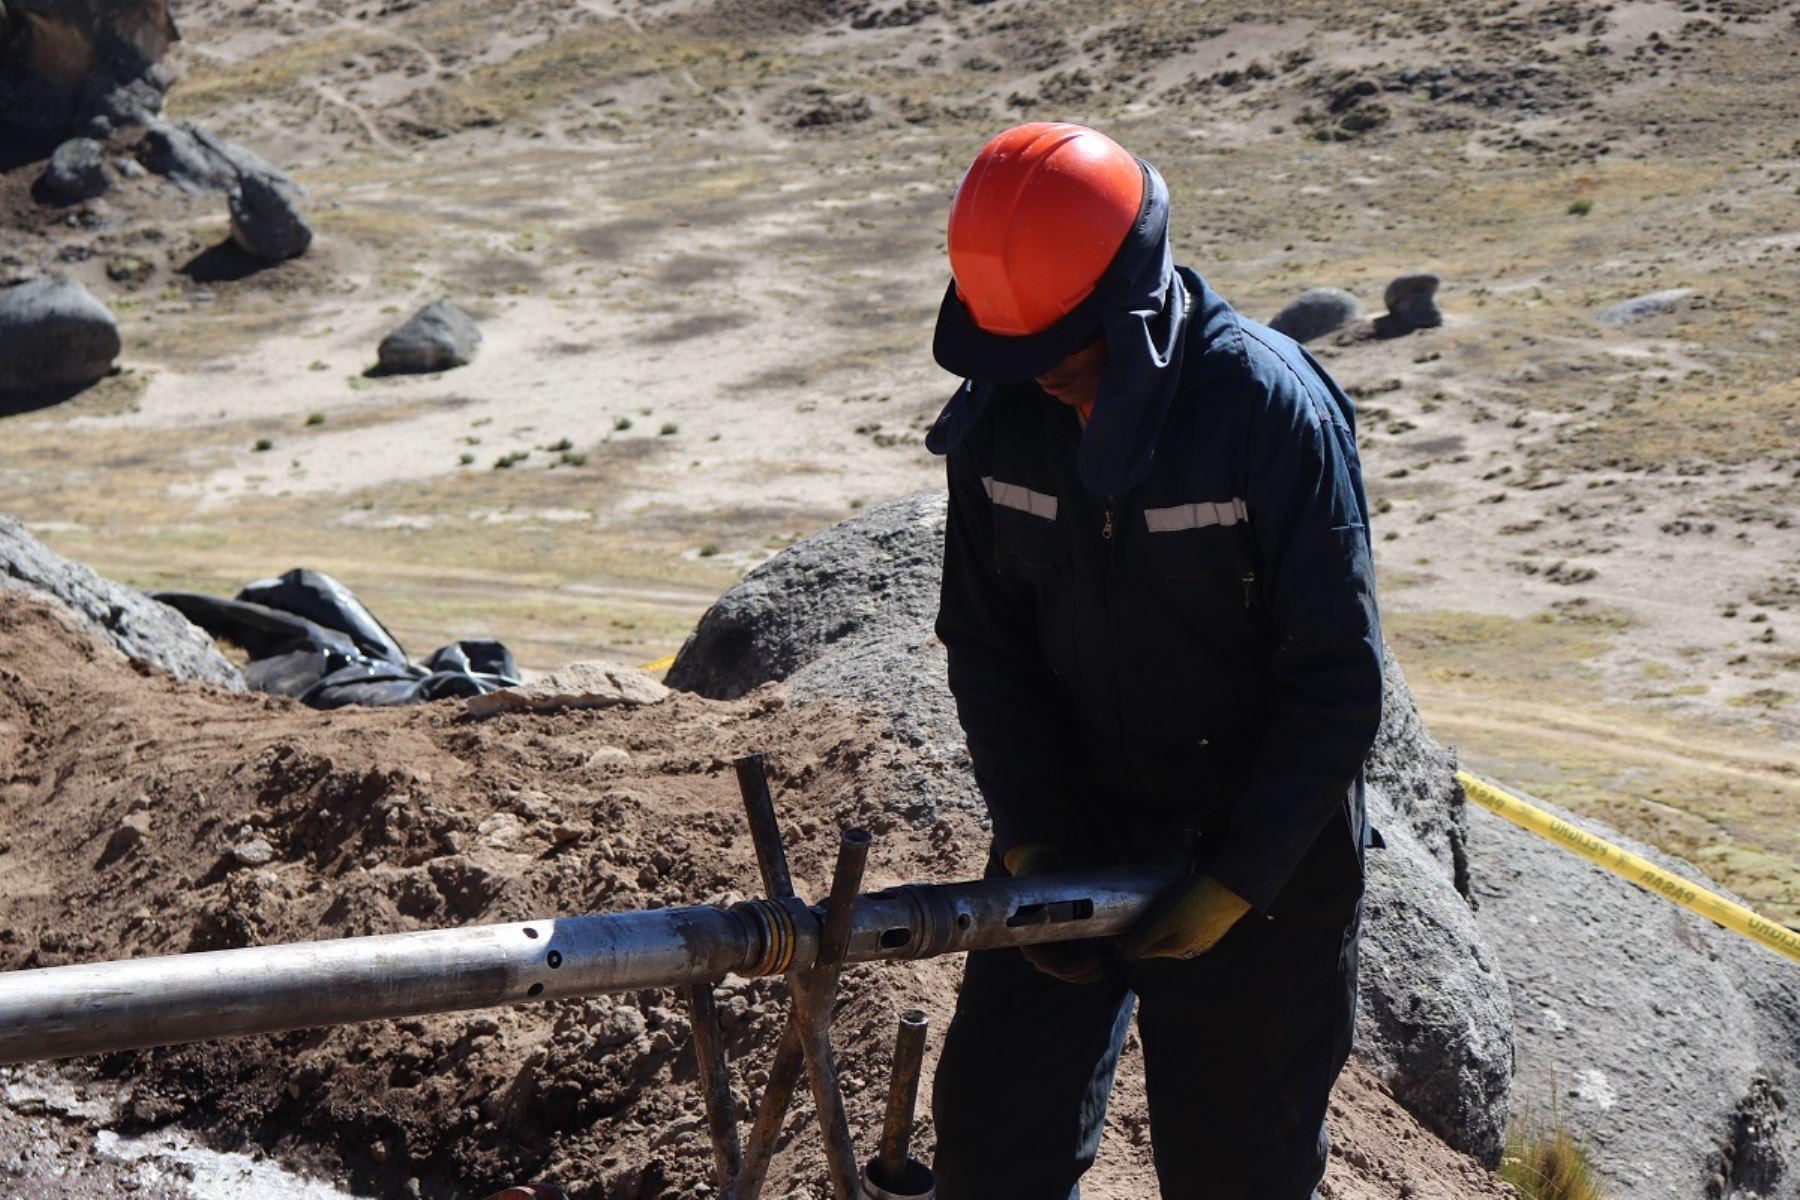 Mina de litio: ¿Para qué sirve este metal en la industria?